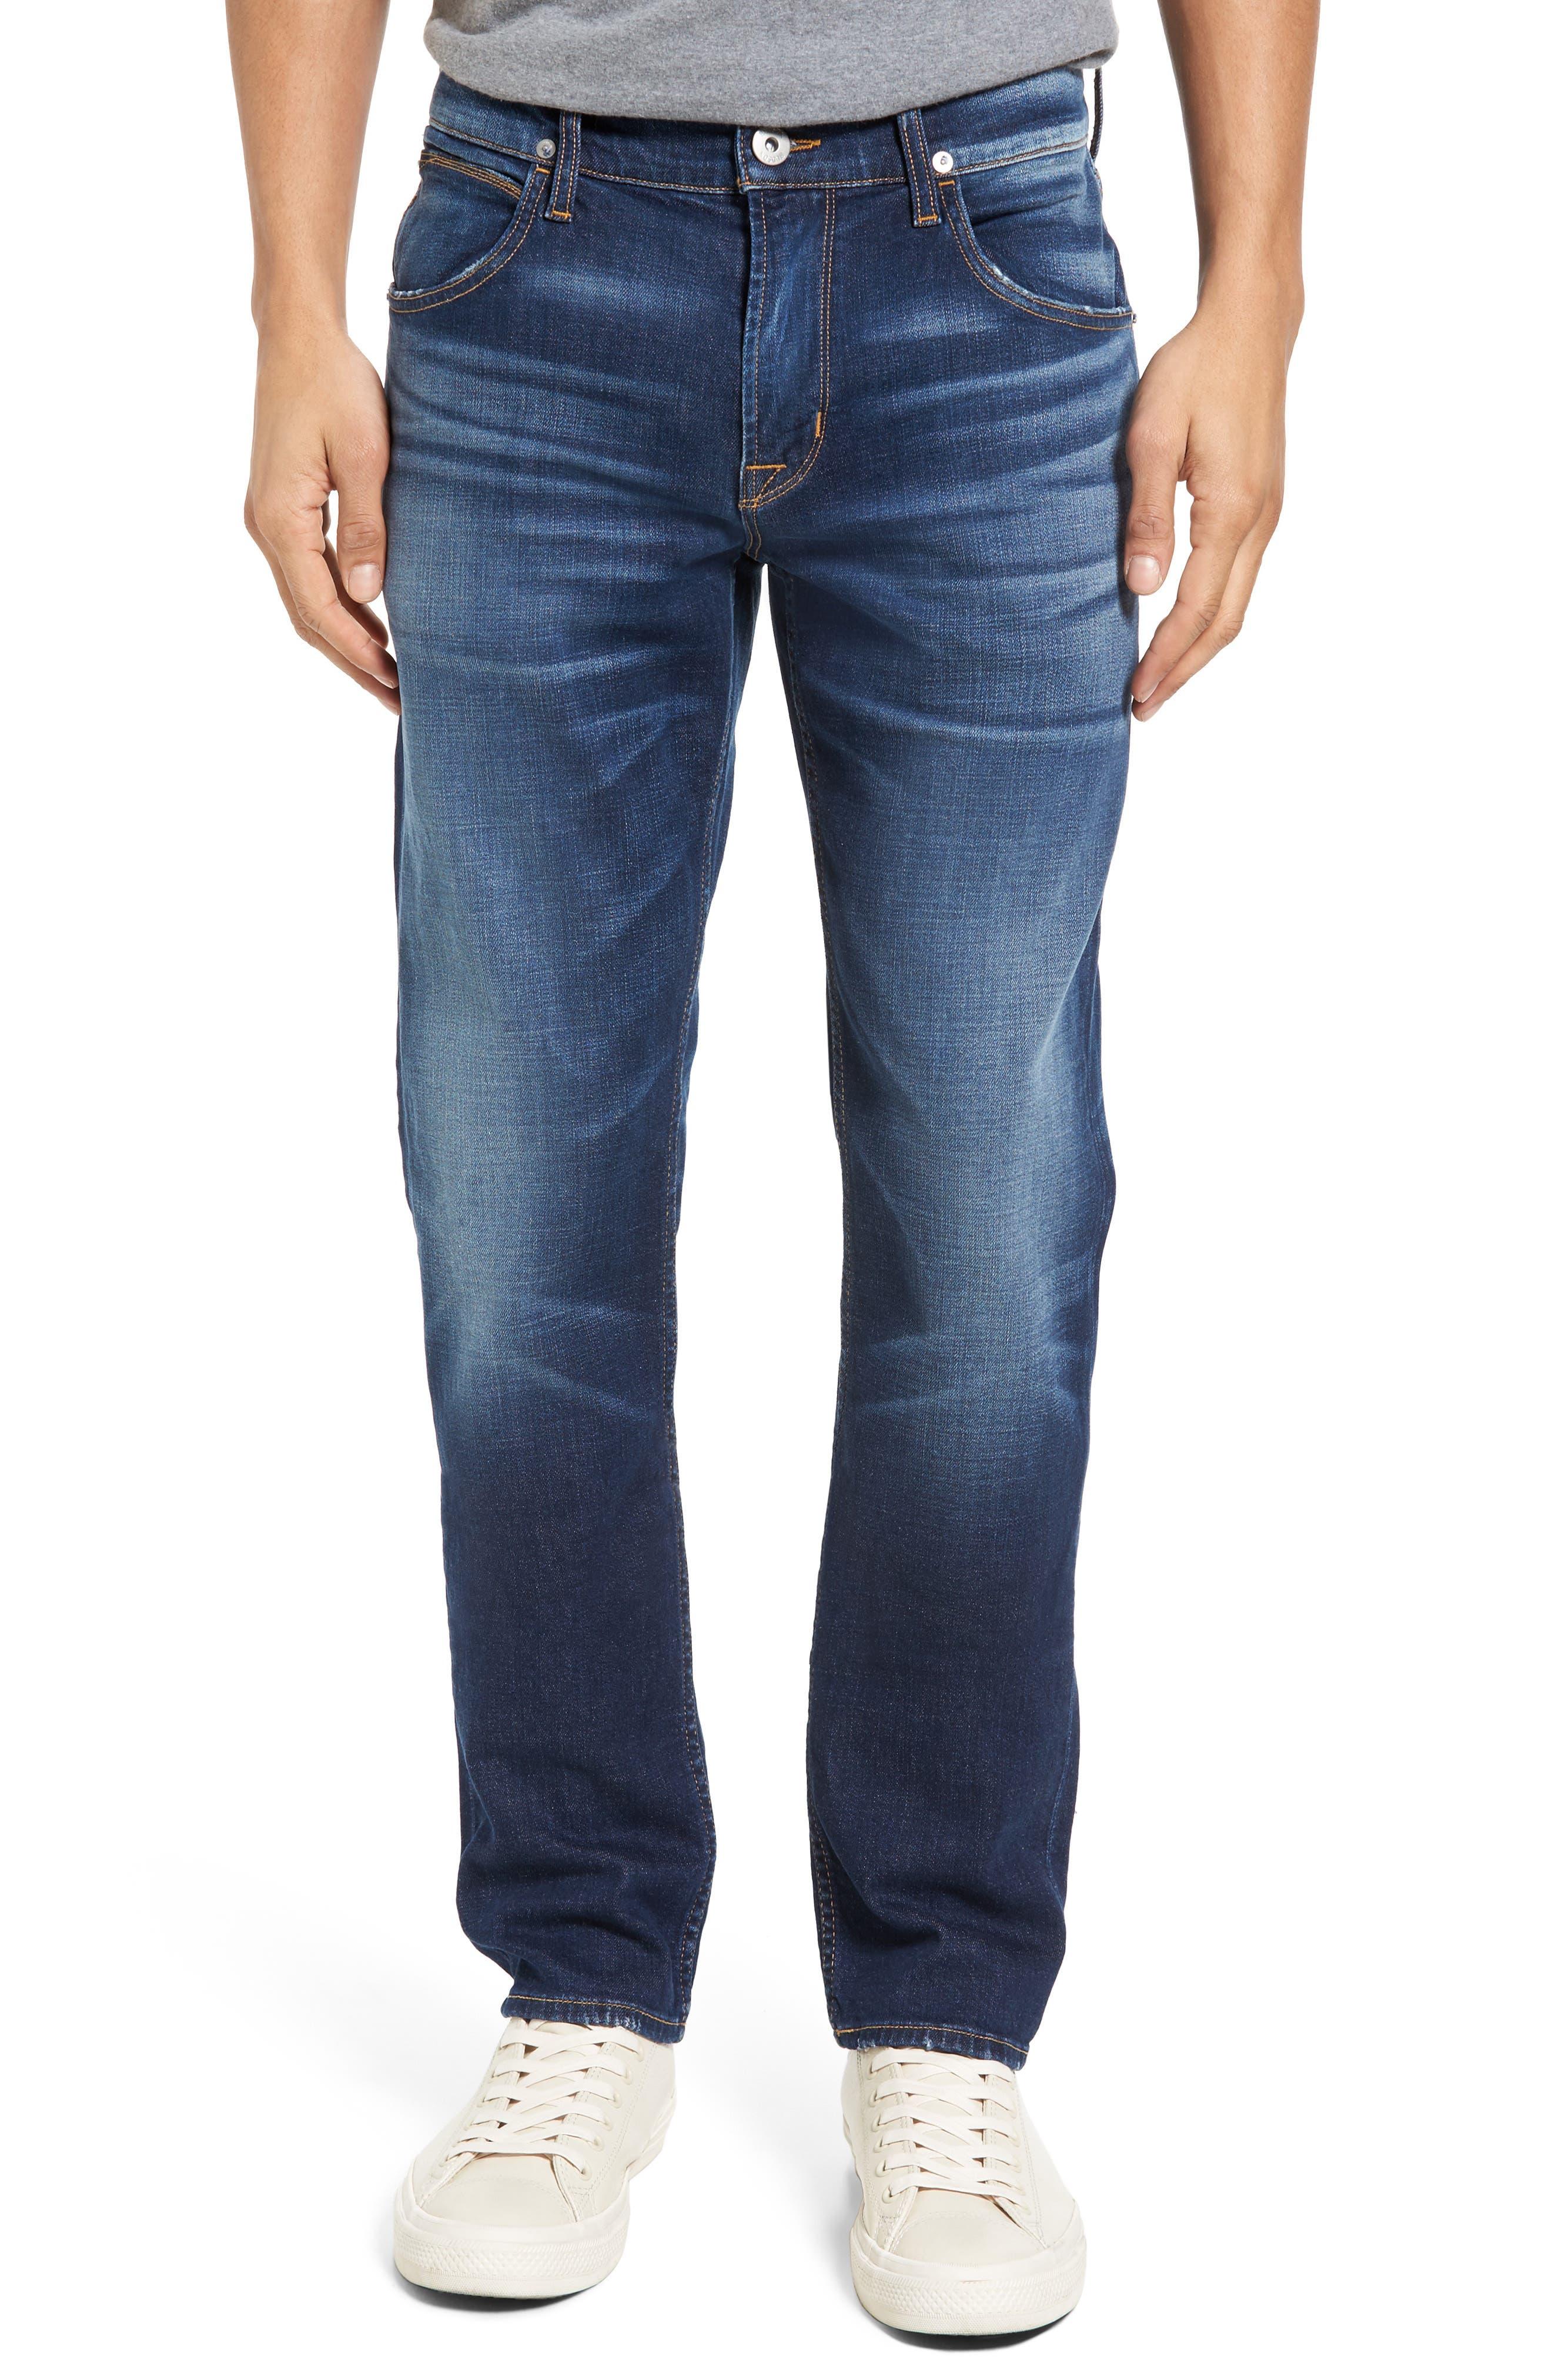 Blake Slim Fit Jeans,                         Main,                         color, 426